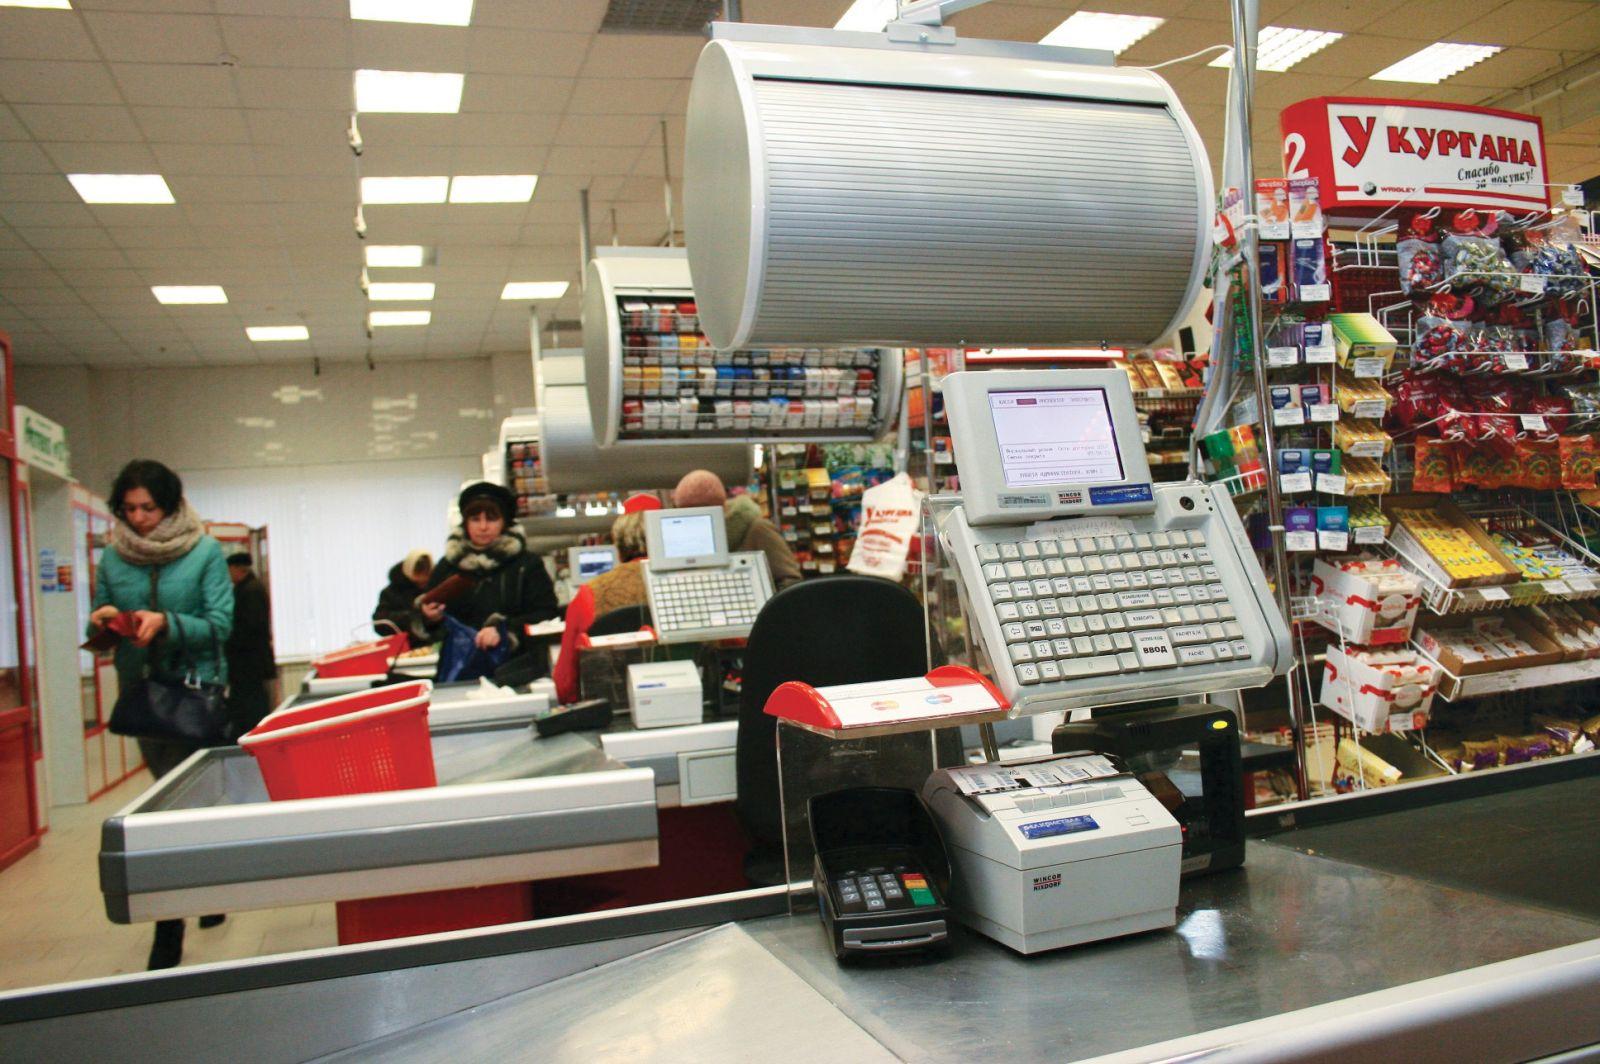 нанесения кассовые документы в супермаркете игры конкурсы